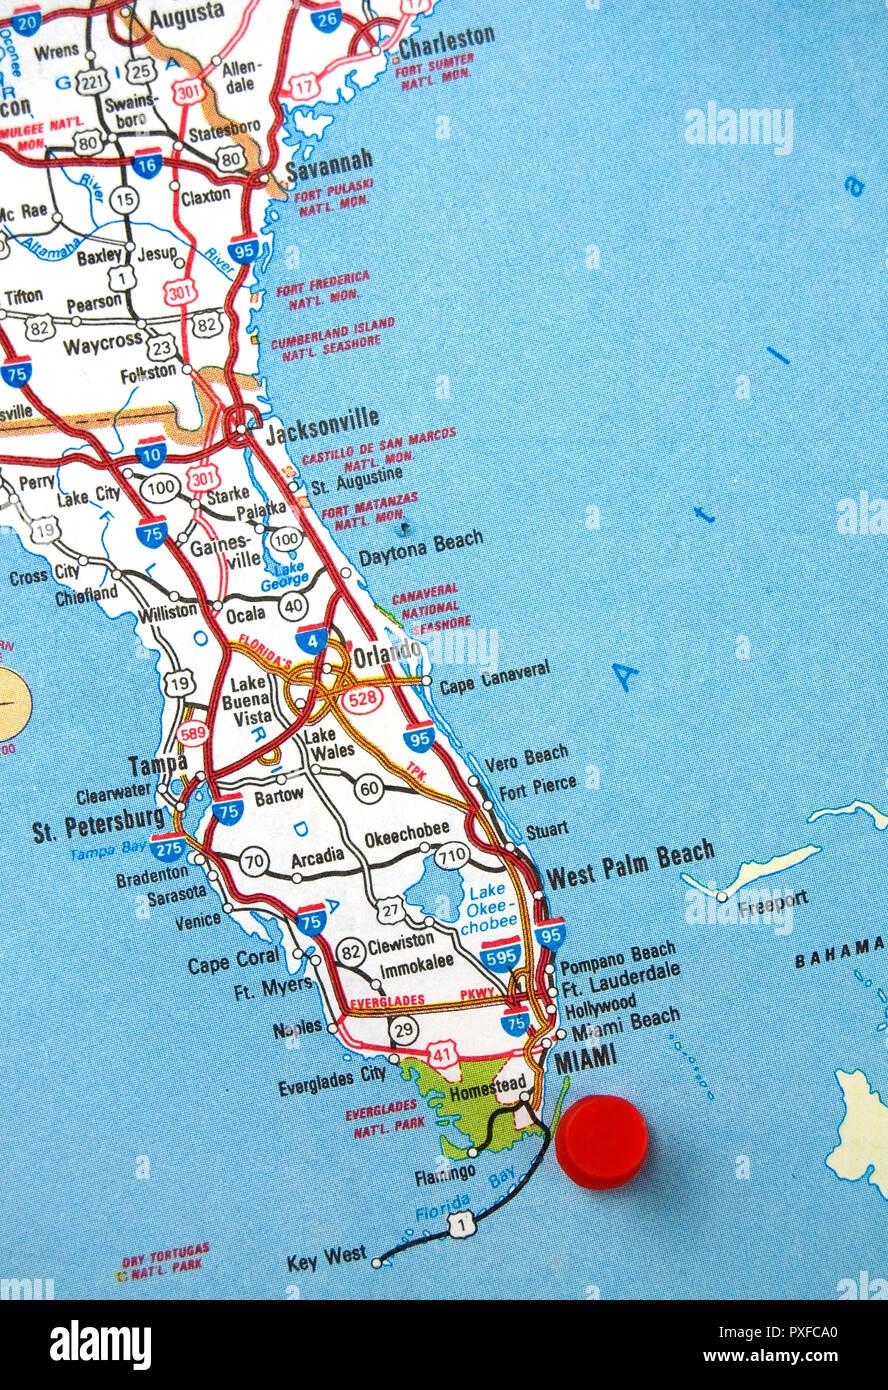 Karte Florida Miami.Karte Von Florida Mit Miami Mit Einem Roten Punkt